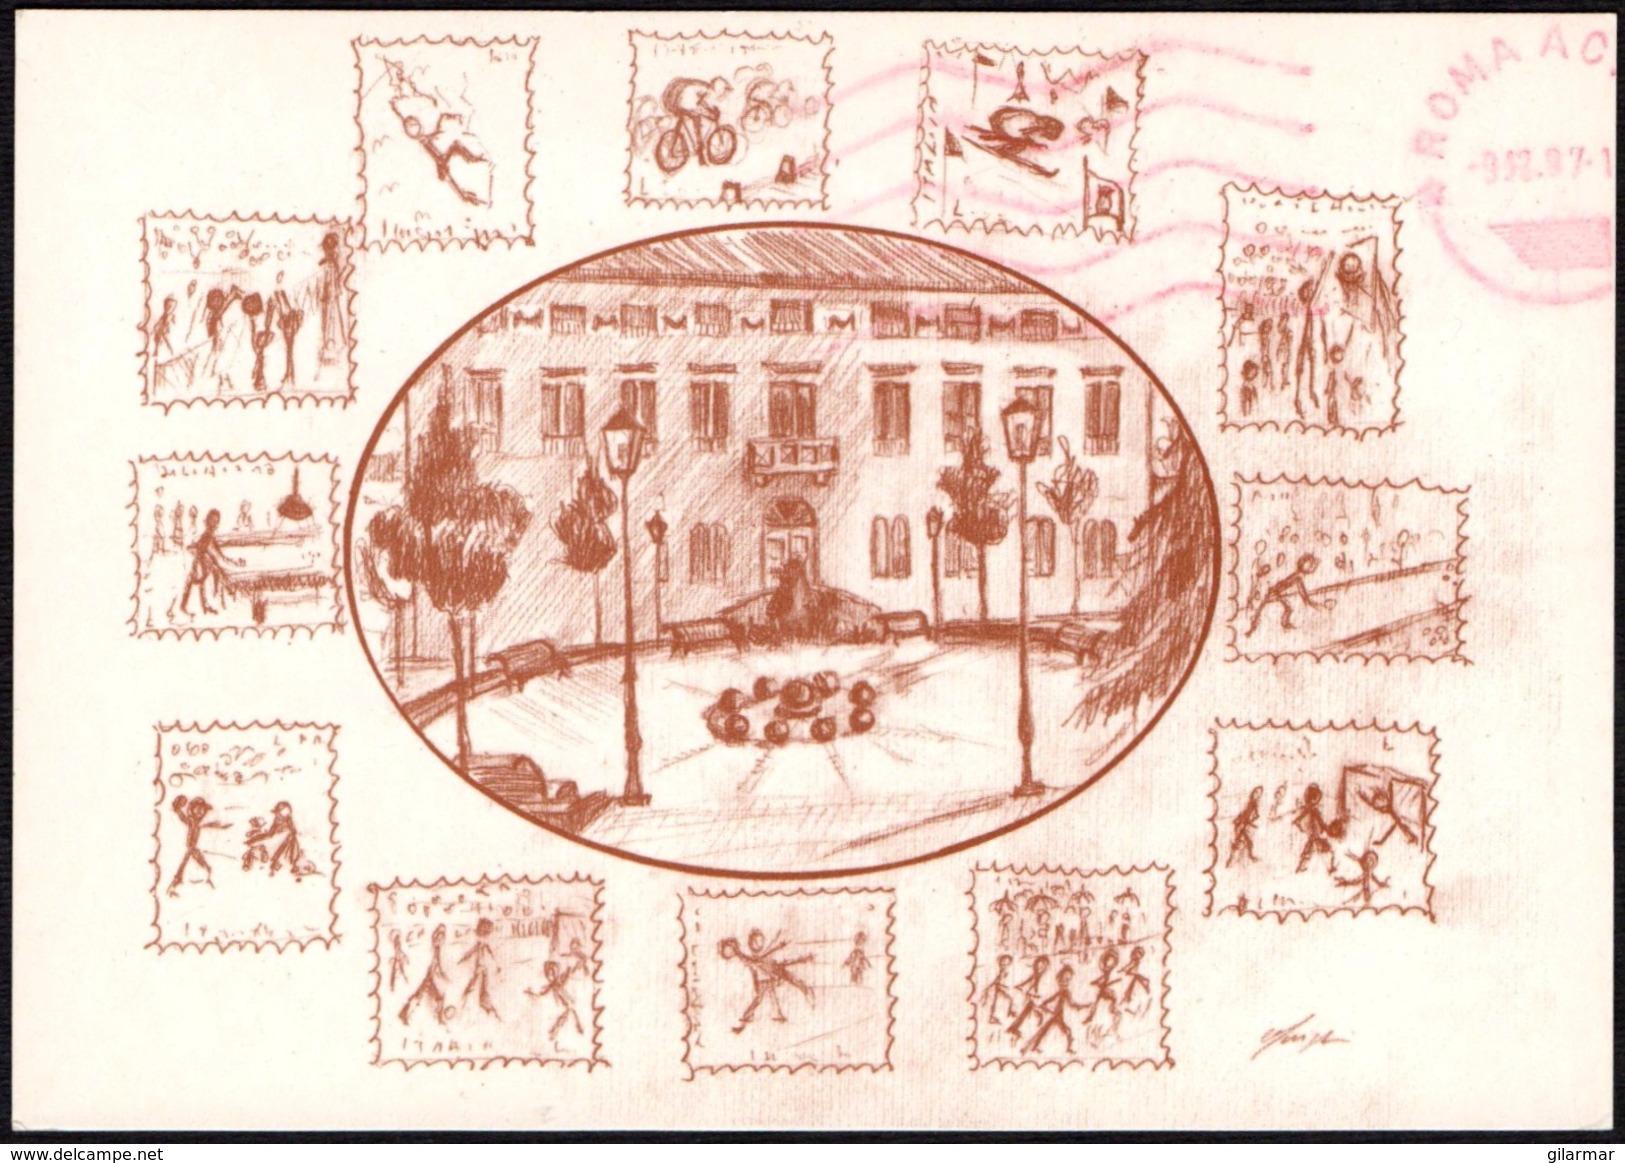 ITALIA CASTEL MAGGIORE (BO) 1997 - 1^ MOSTRA FILATELICA DELLO SPORT - CARTOLINA UFFICIALE VIAGGIATA - FRANCOBOLLI BASKET - Francobolli